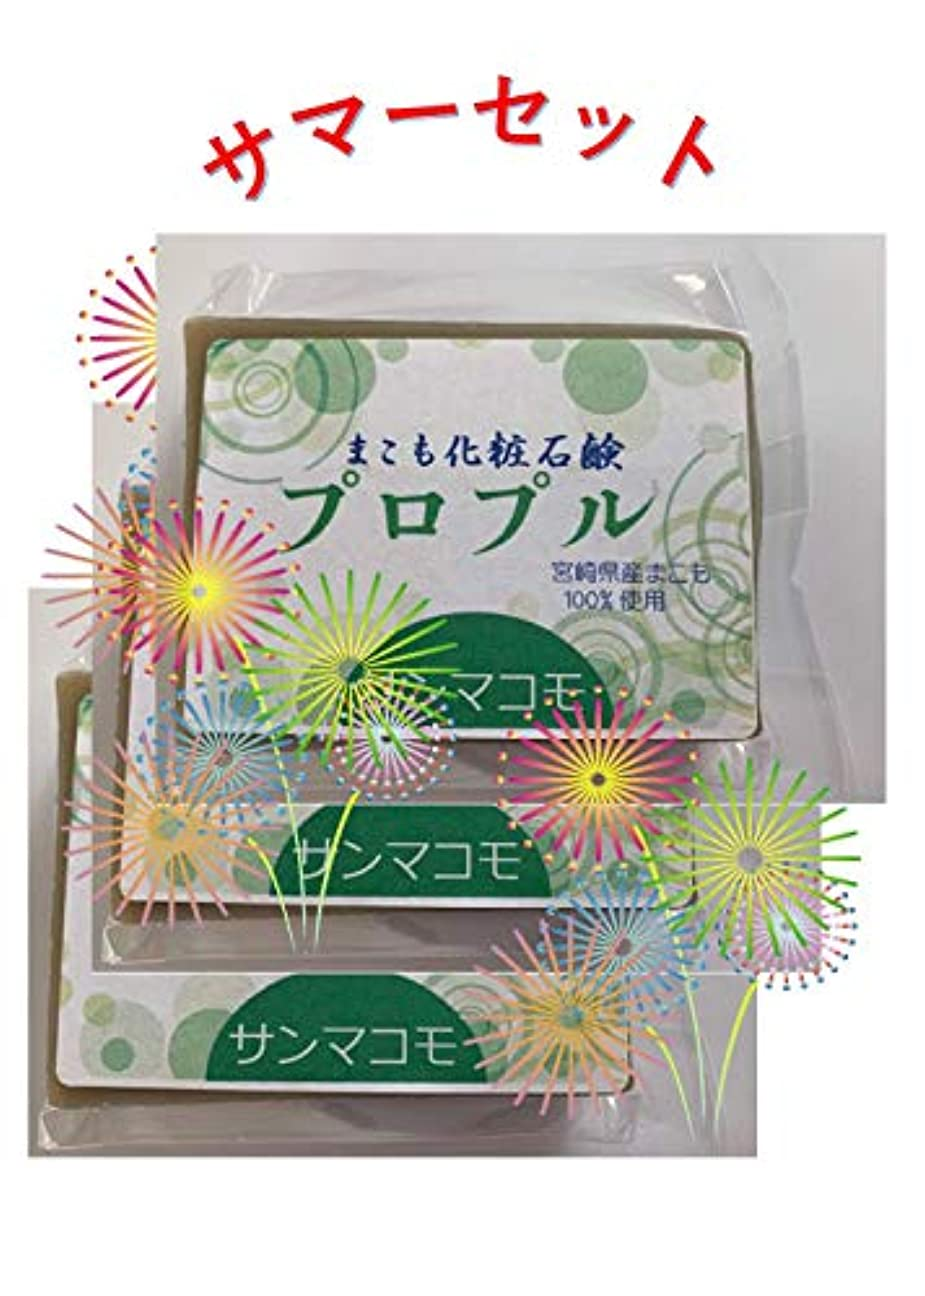 生むクレデンシャル別のまこも化粧石鹸 プロプル 90g 3個セット